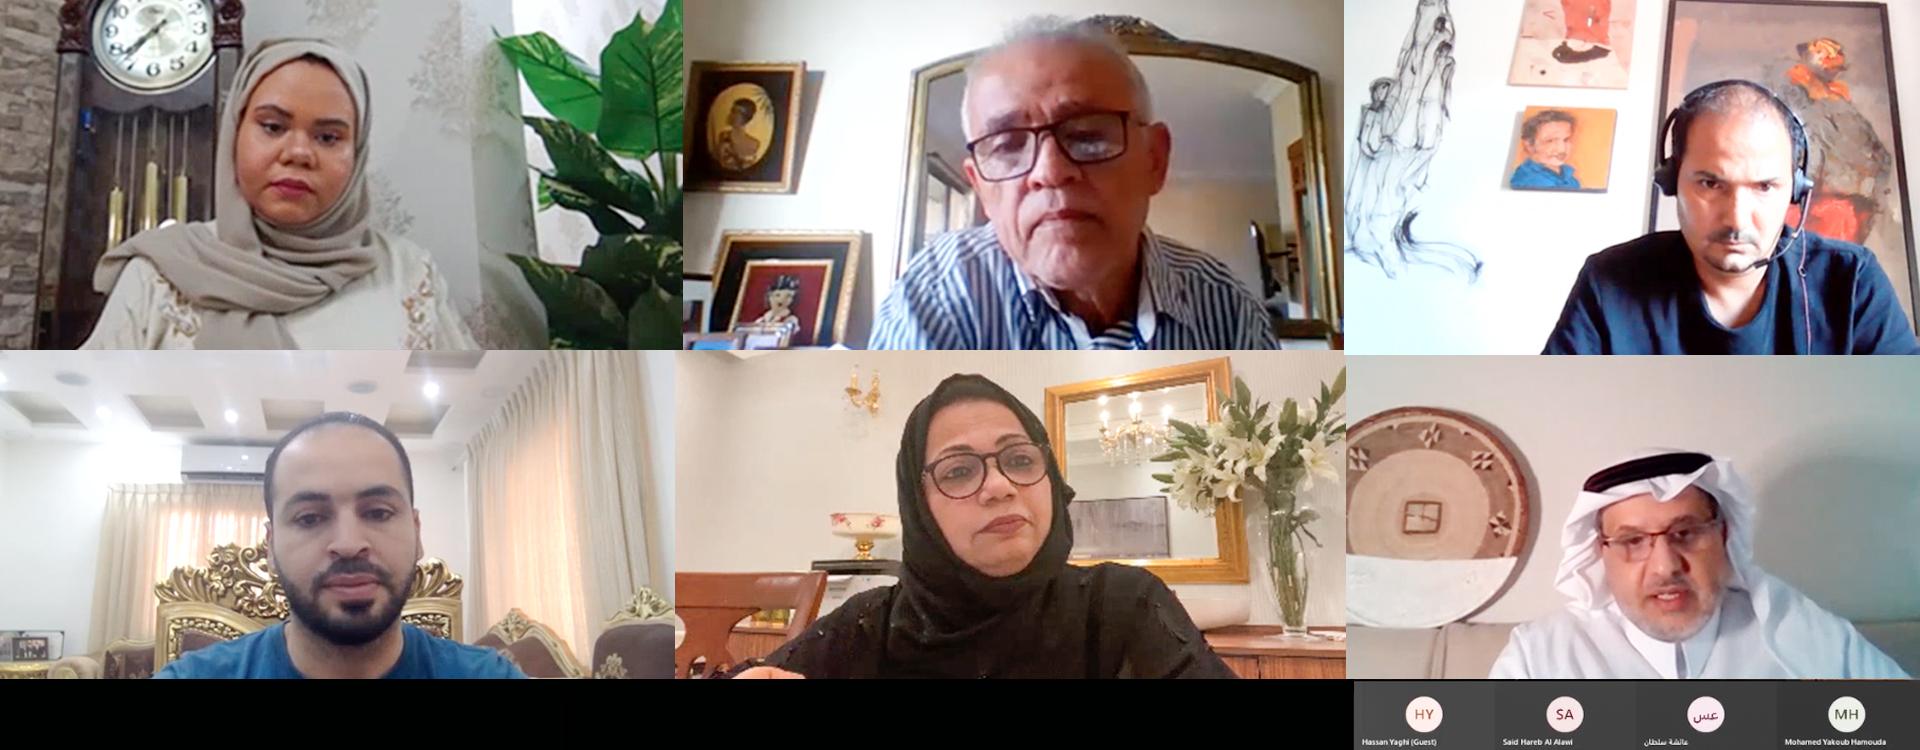 دائرة الثقافة والسياحة – أبوظبي تستشرف مستقبل تسويق الكتاب العربي بعد الوباء